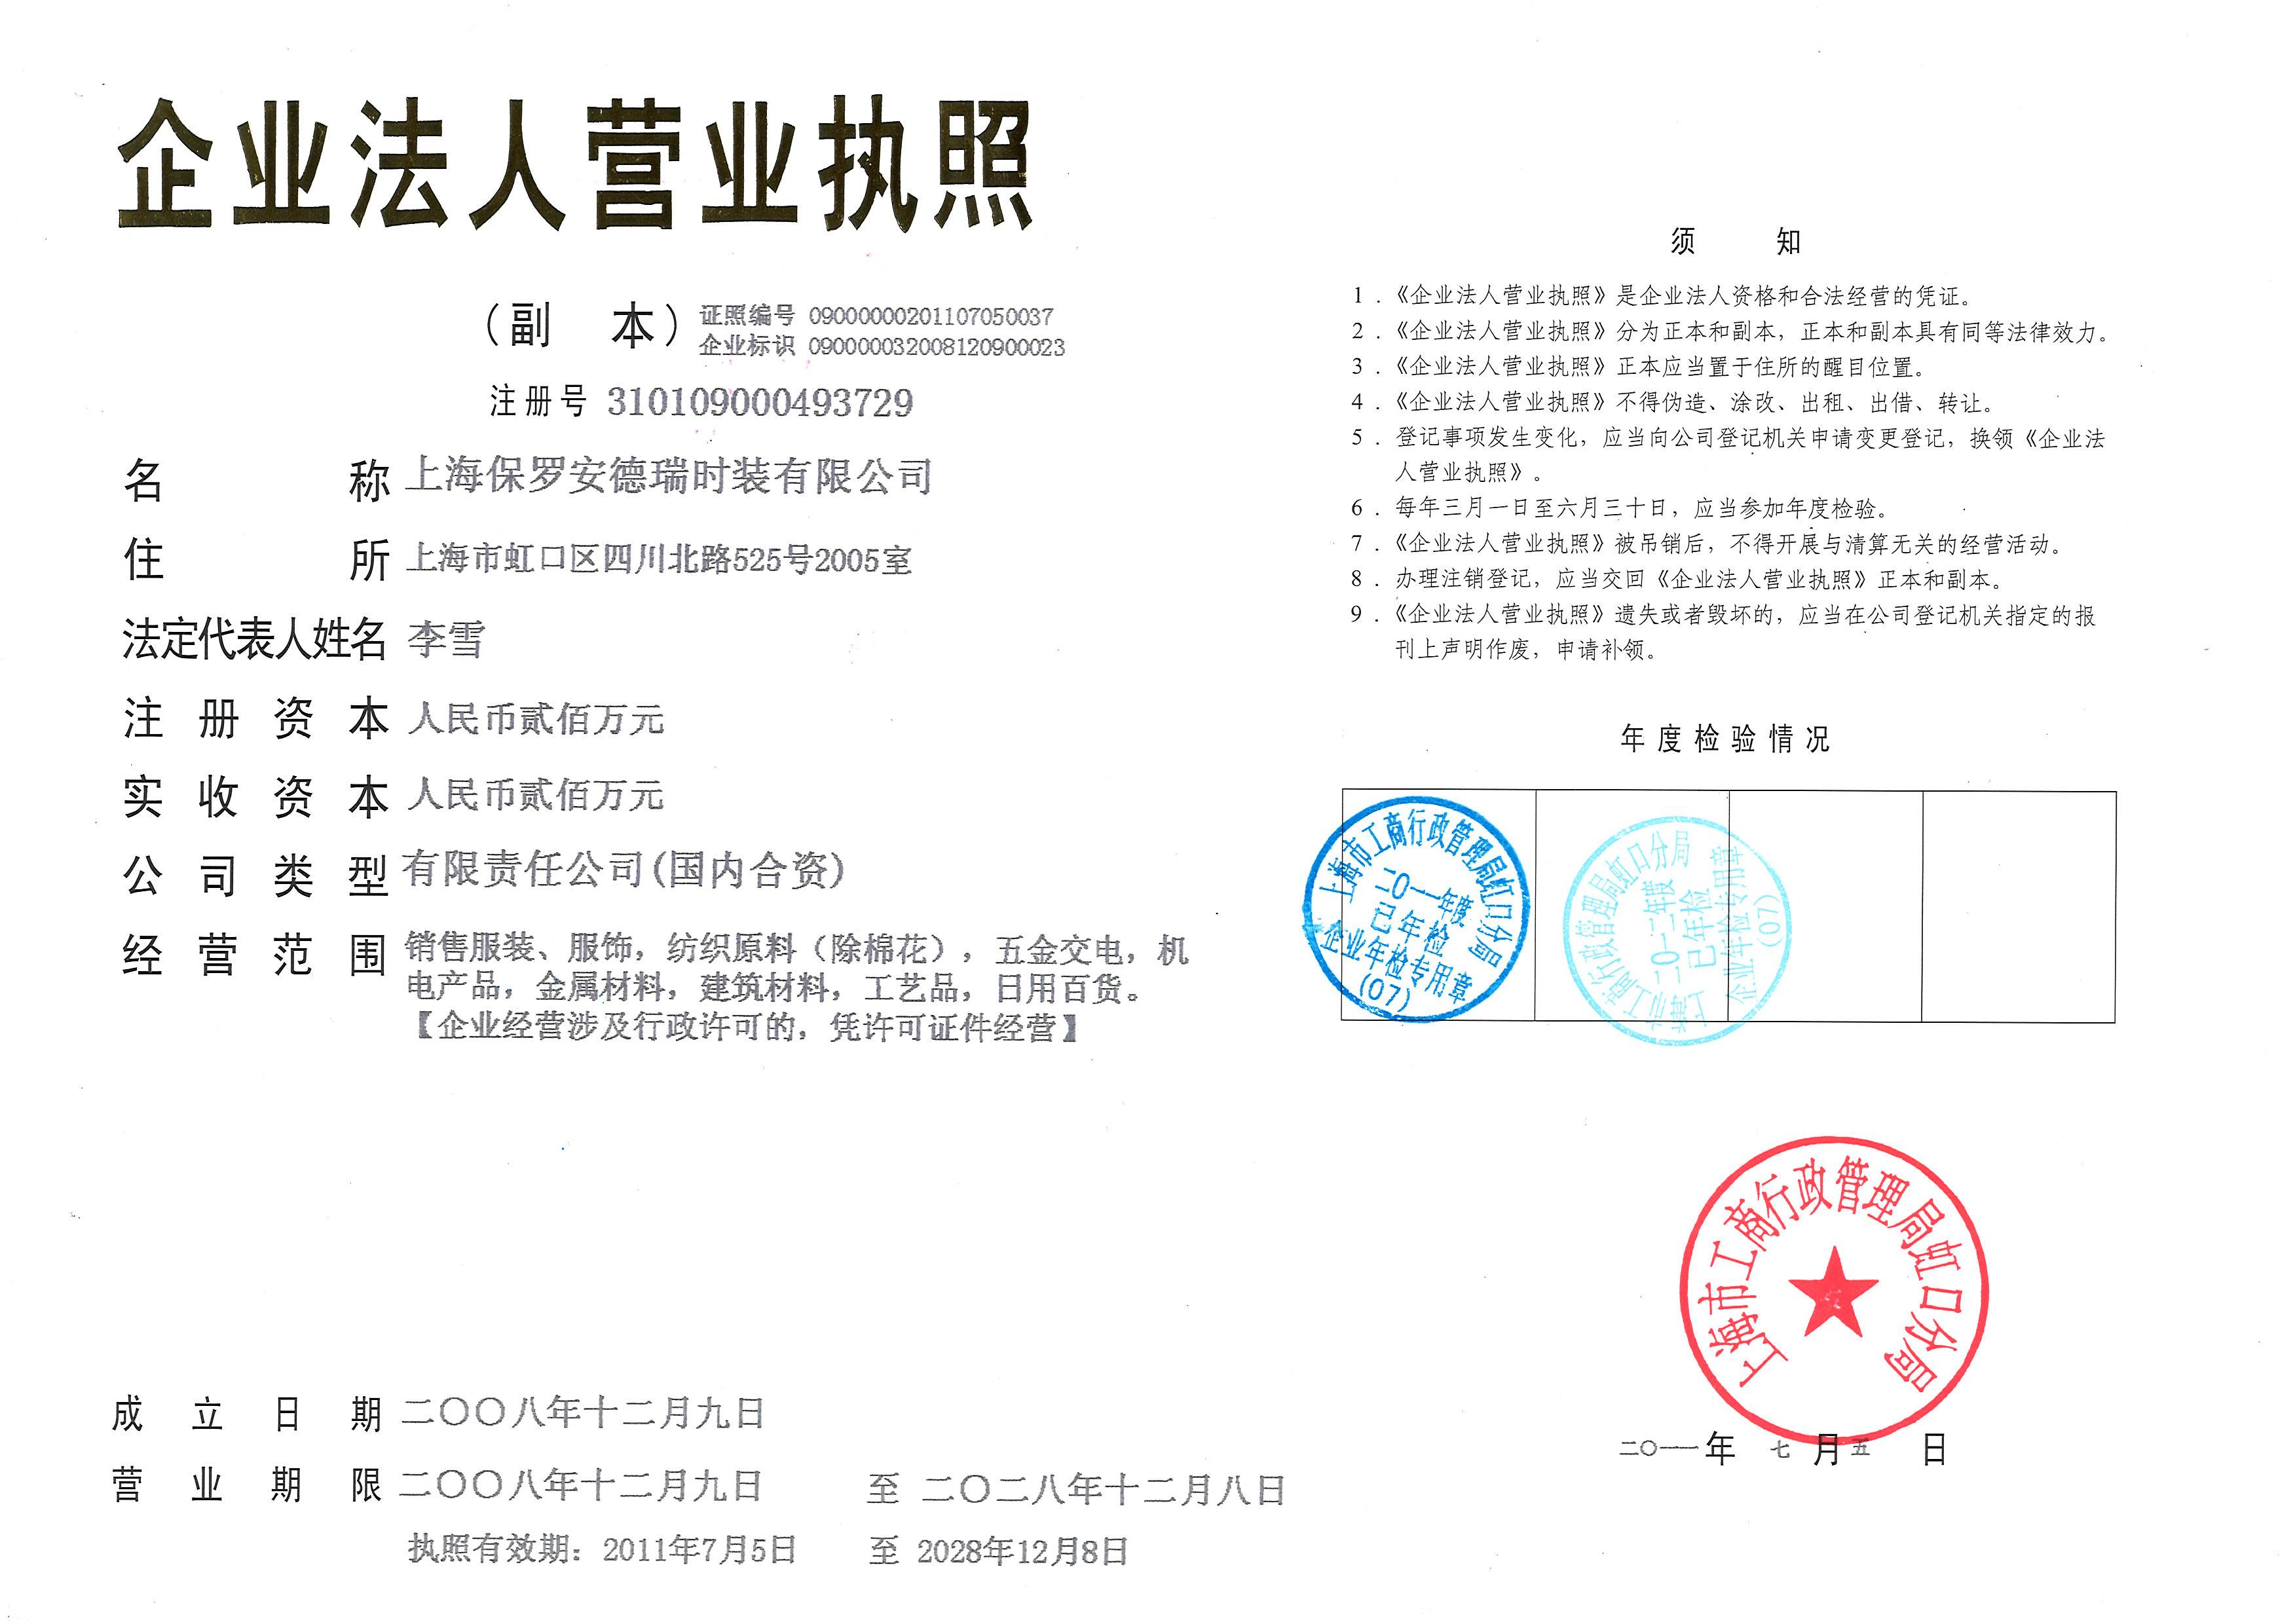 上海保罗安德瑞时装有限公司企业档案